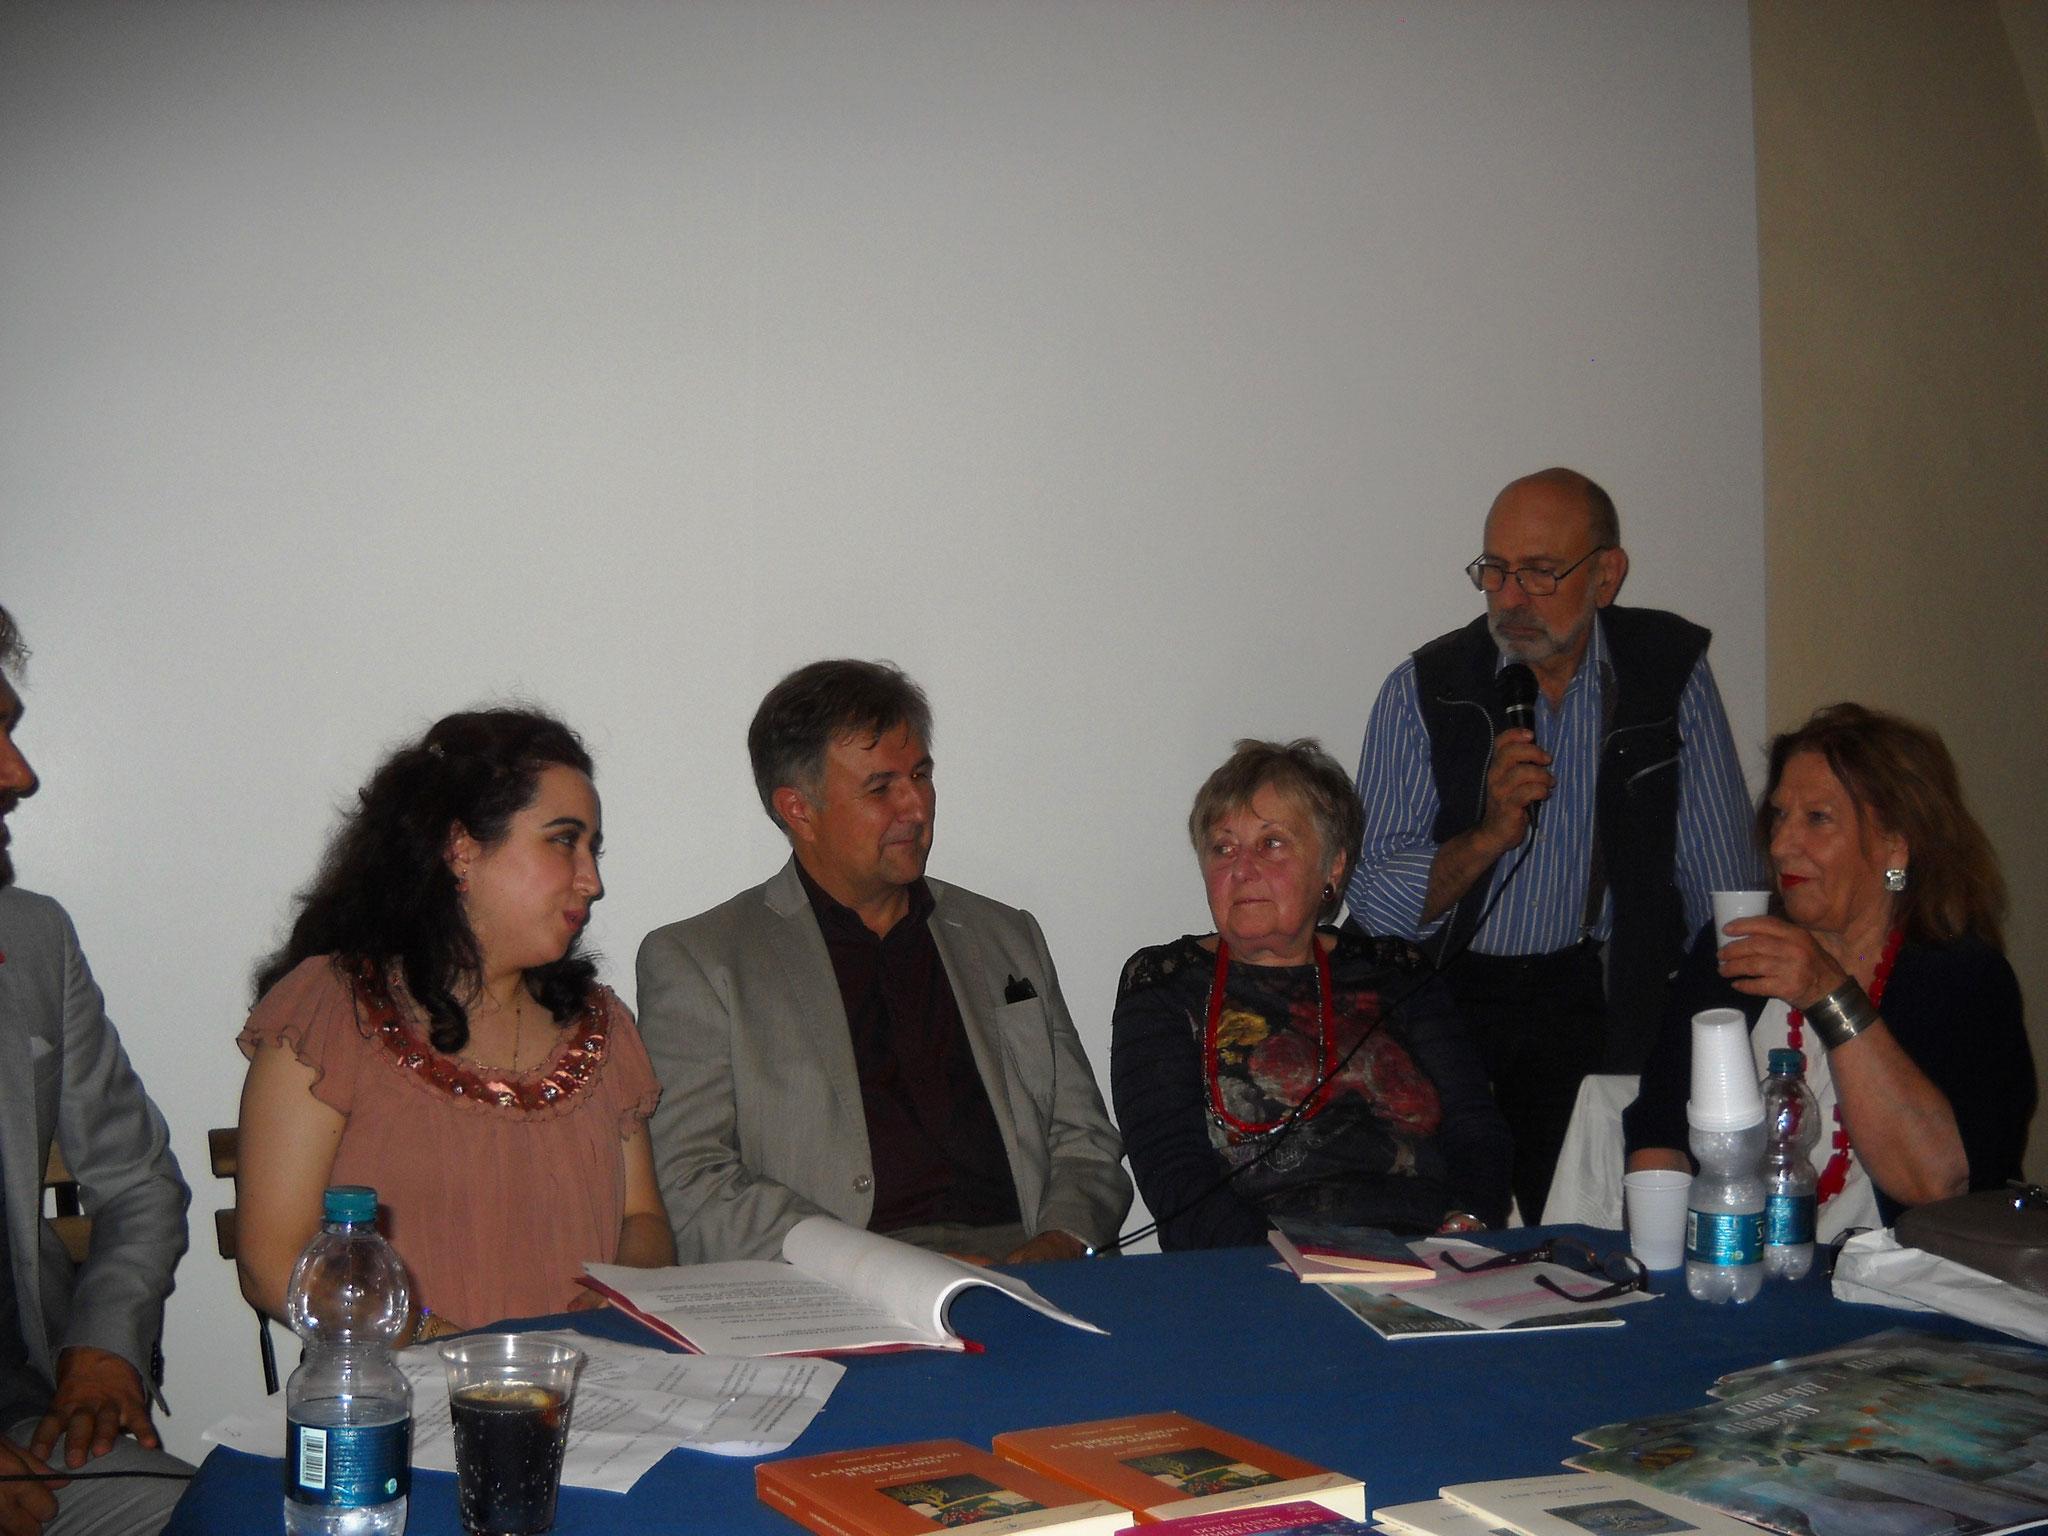 Alla destra l'autrice del libro Giuliana Matthieu e Alessandra Ulivieri della casa editrice Ibiskos Ulivieri